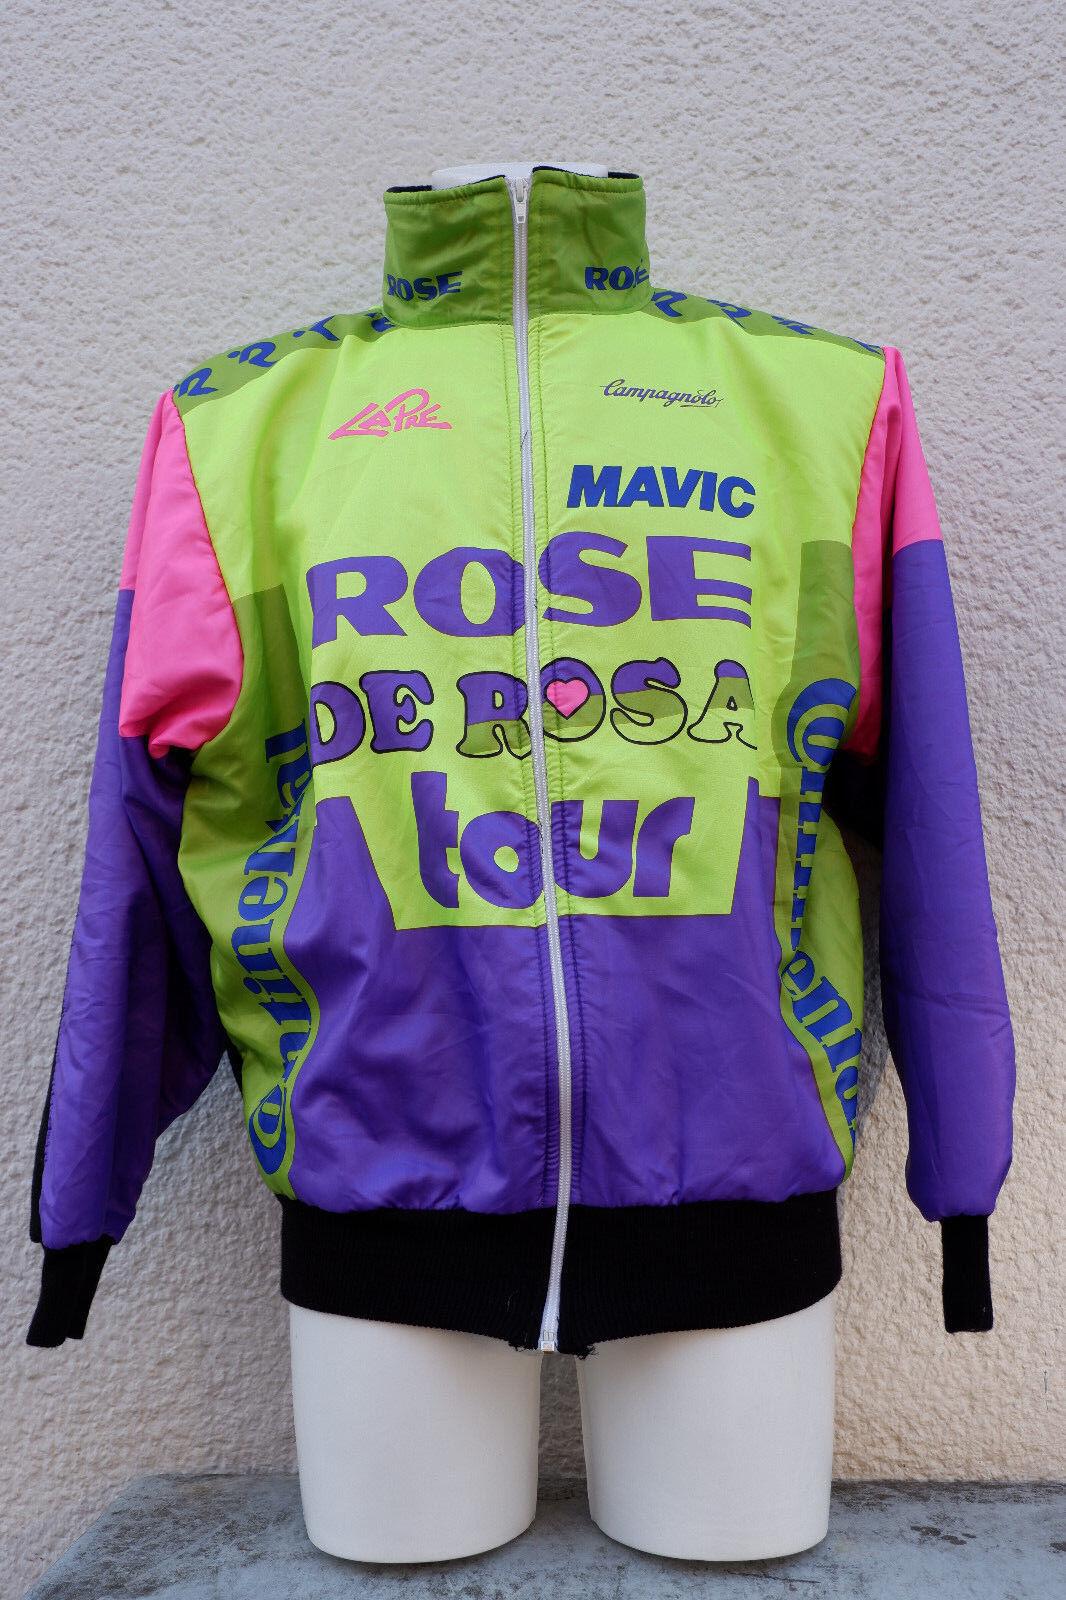 Vintage vélo de course Maillot Jersey Veste Derose Mavic Campagnolo Taille L 80 s 90 s